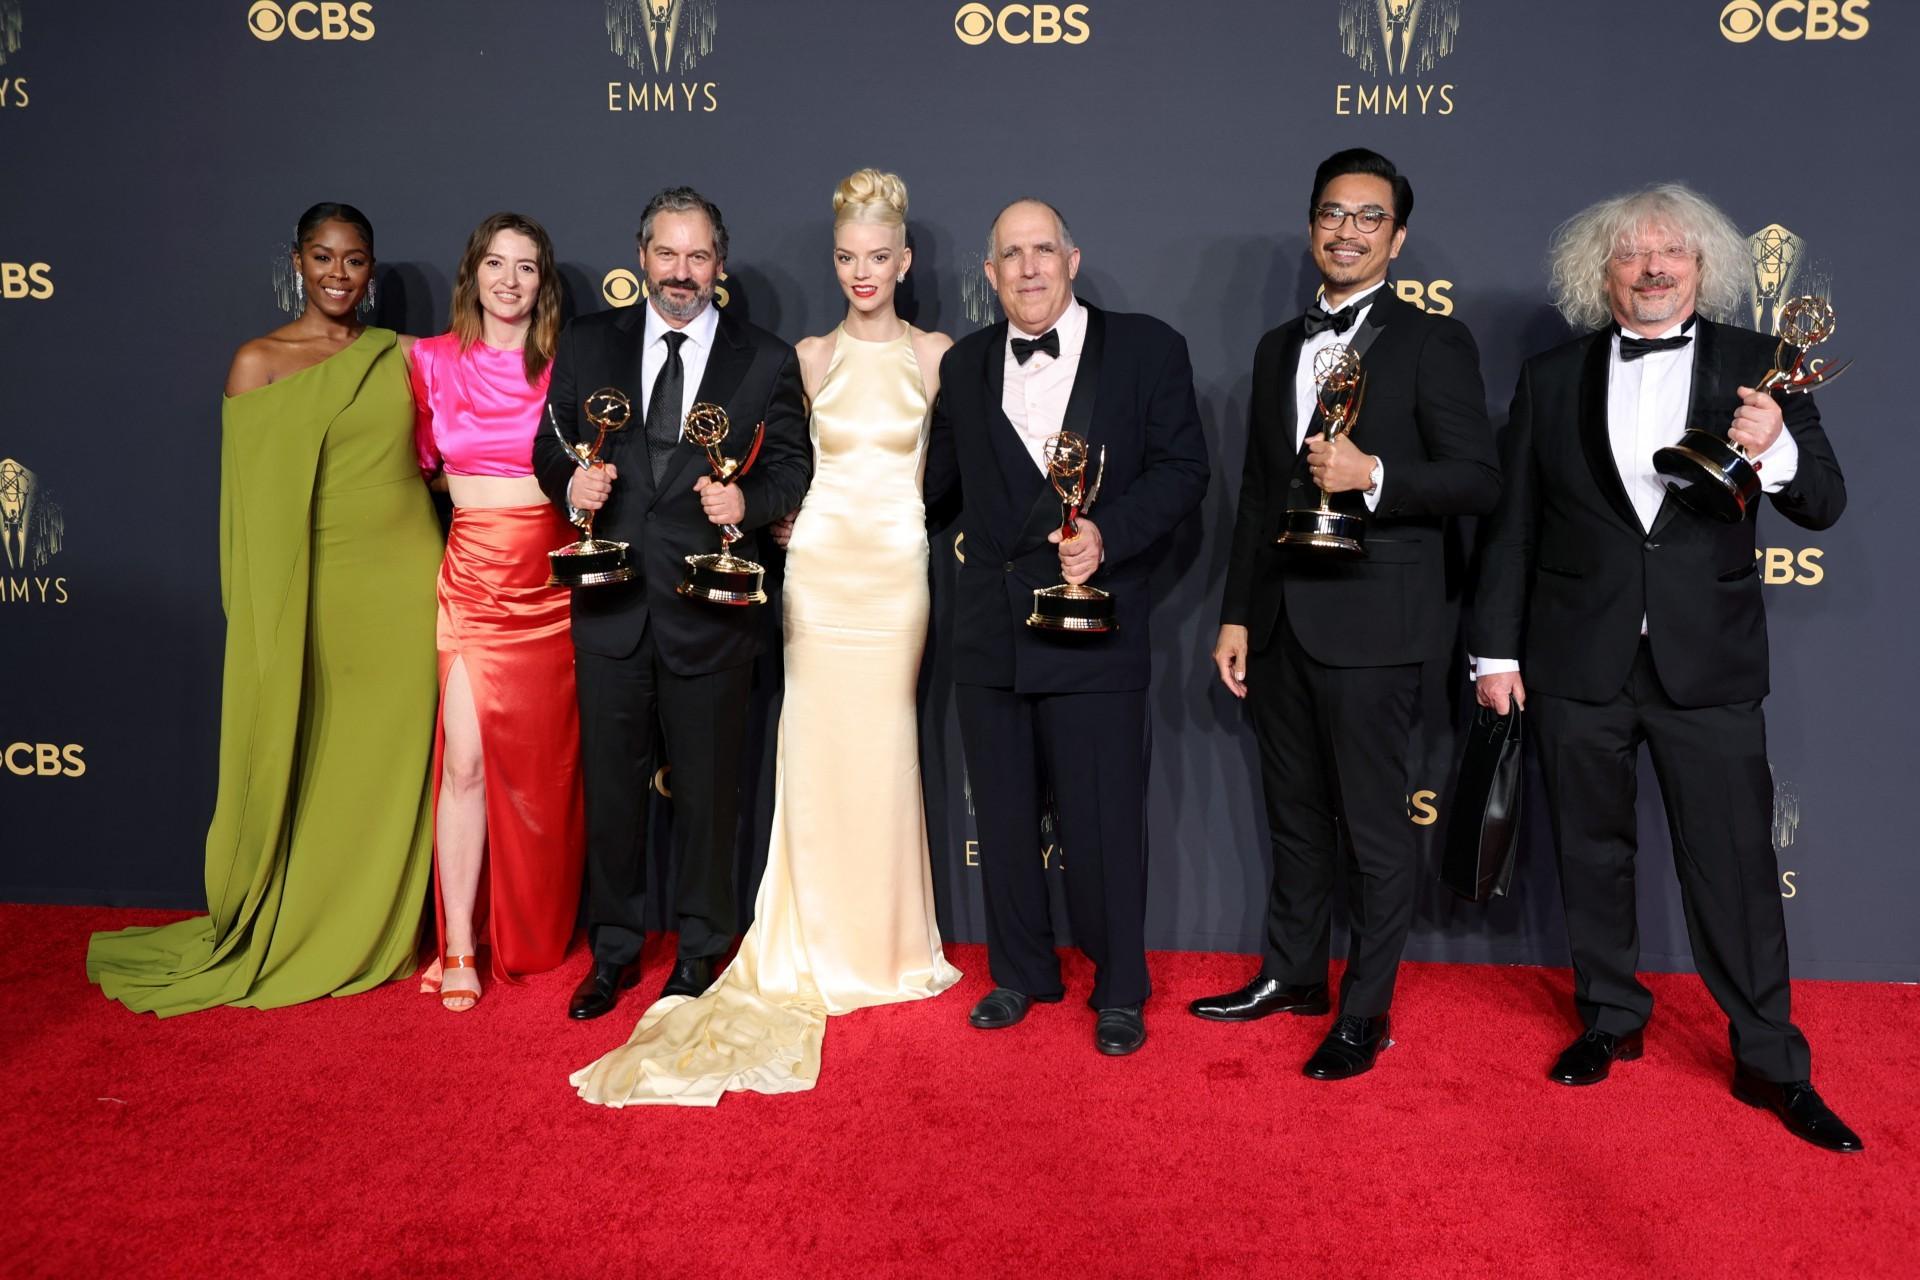 (Foto: Rich Fury / AFP / divulgação)A vitória de 'O Gambito da Rainha' marca a primeira vez que a categoria de Melhor Minissérie ou Série Limitada é vencida por uma produção de streaming